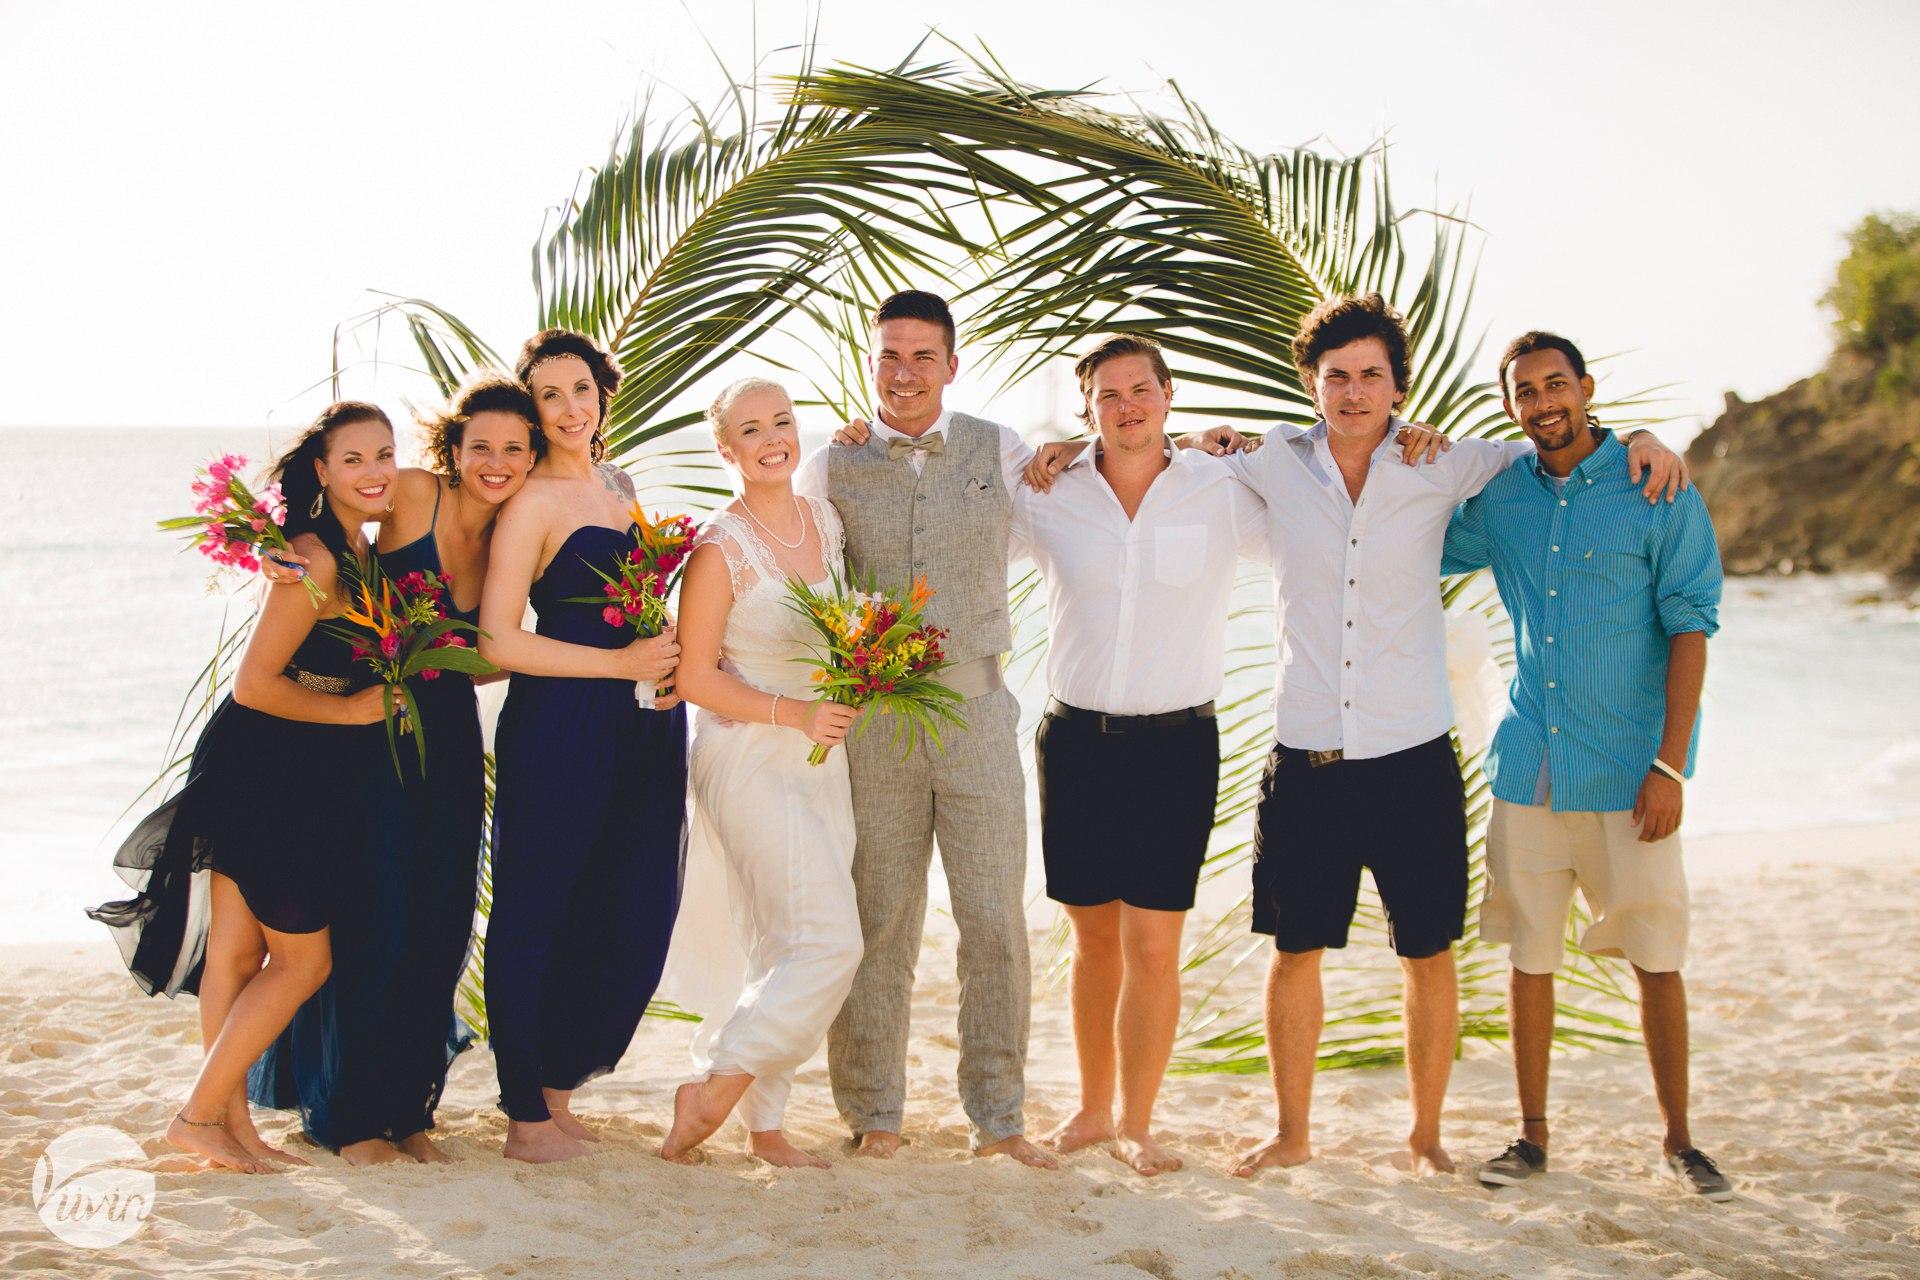 Oact0BAEVHk - Свадьба на пляже: некоторые нюансы в организации (35 фото)